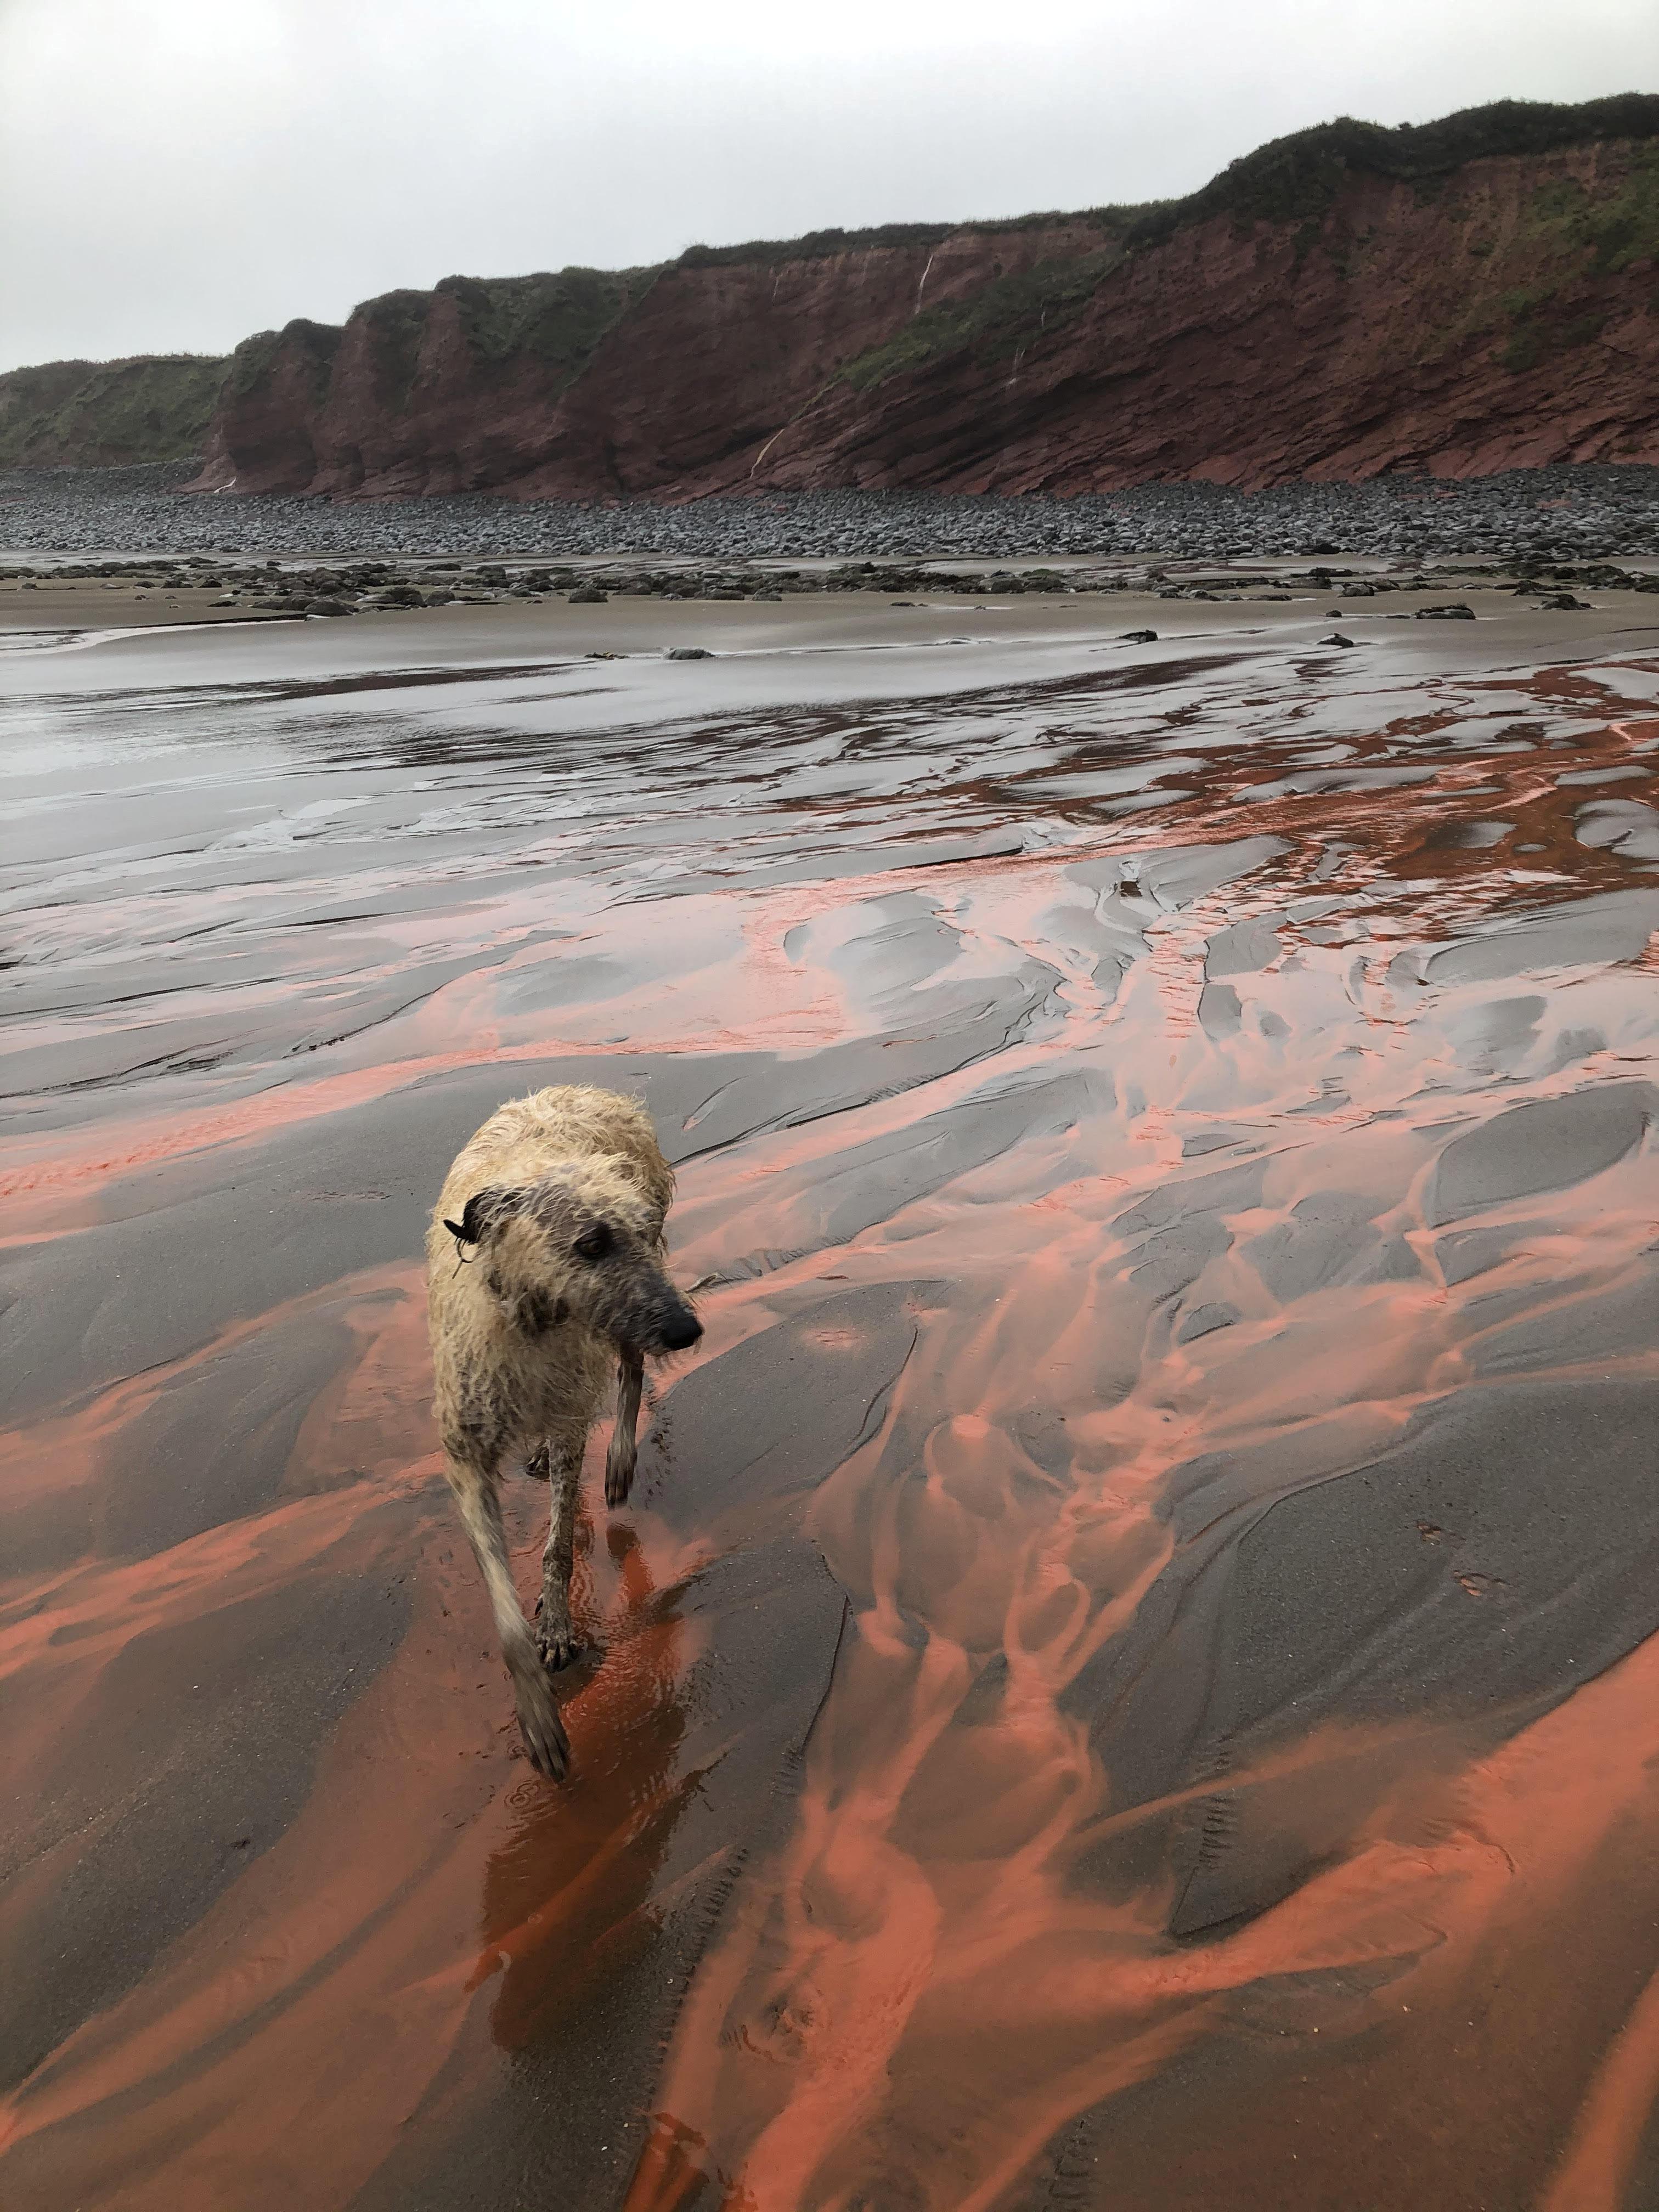 Beach turns red